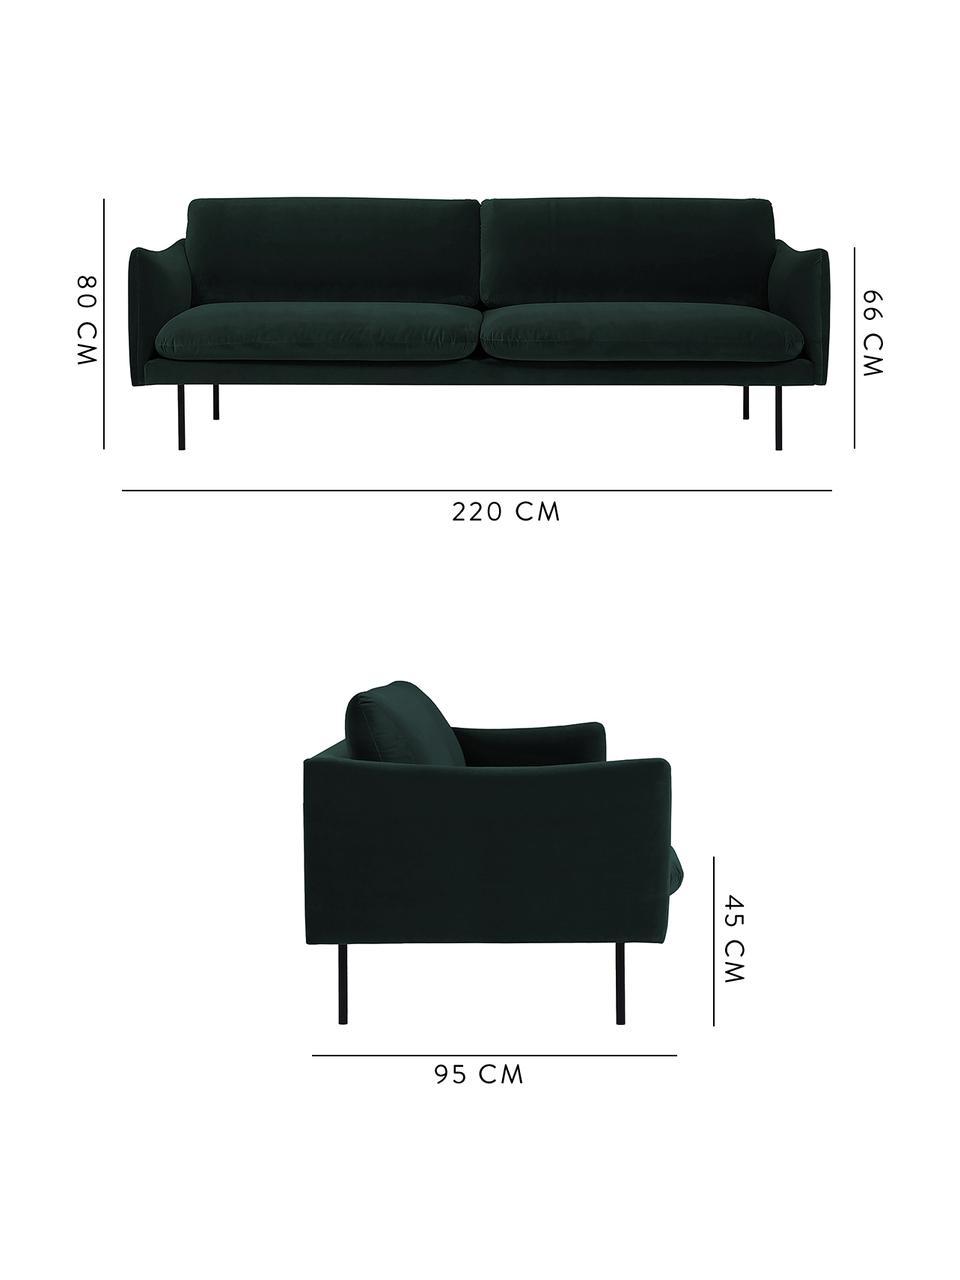 Fluwelen bank Moby (3-zits) in donkergroen met metalen poten, Bekleding: geweven stof (polyester), Frame: massief grenenhout, Poten: gelakt metaal, Fluweel donkergroen, B 220 x D 95 cm